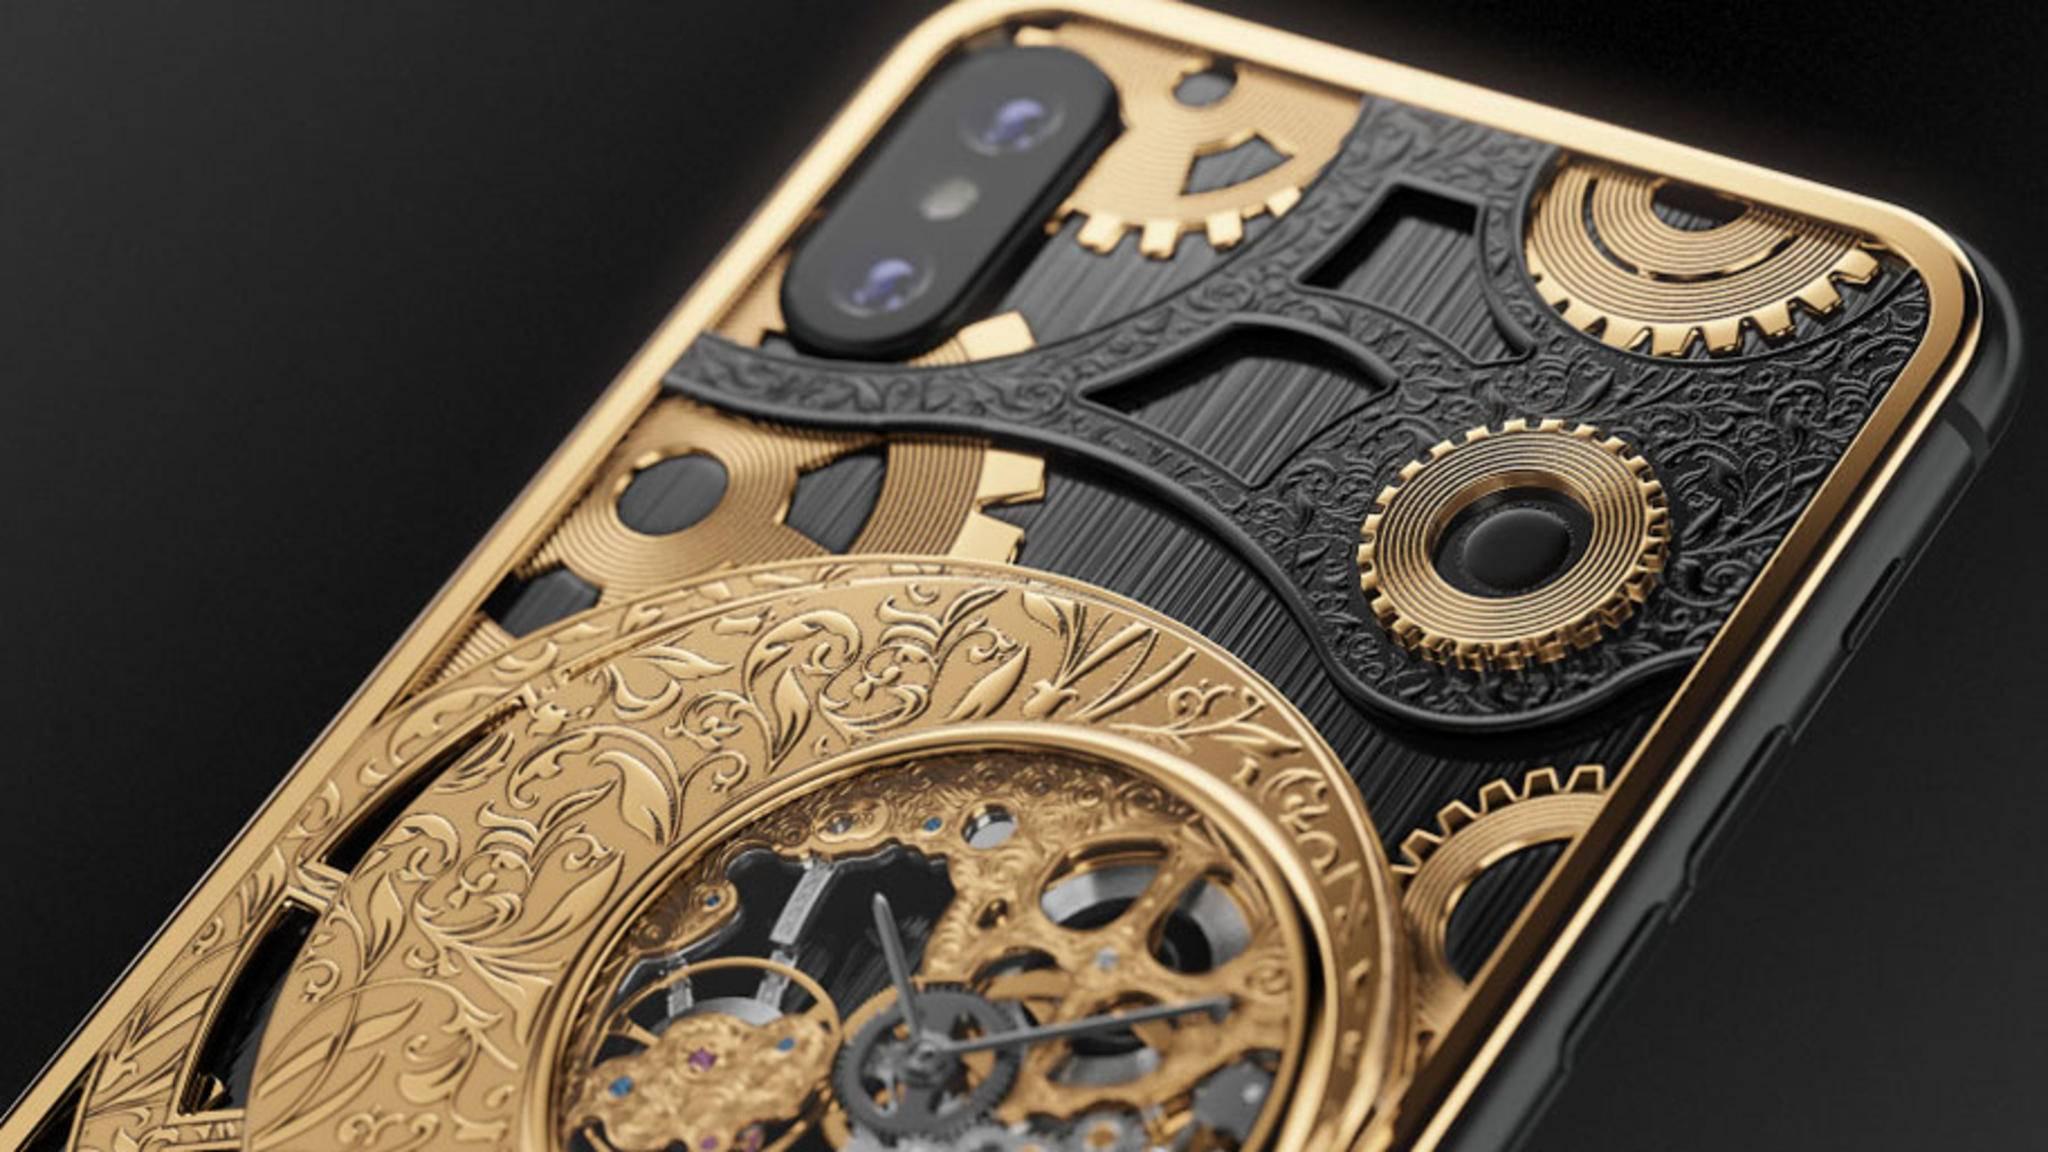 Viel Bling-Bling, aber auch echte Technik für Uhren-Liebhaber: Ein russischer Hersteller bietet das iPhone XS in einer Luxus-Edition an.